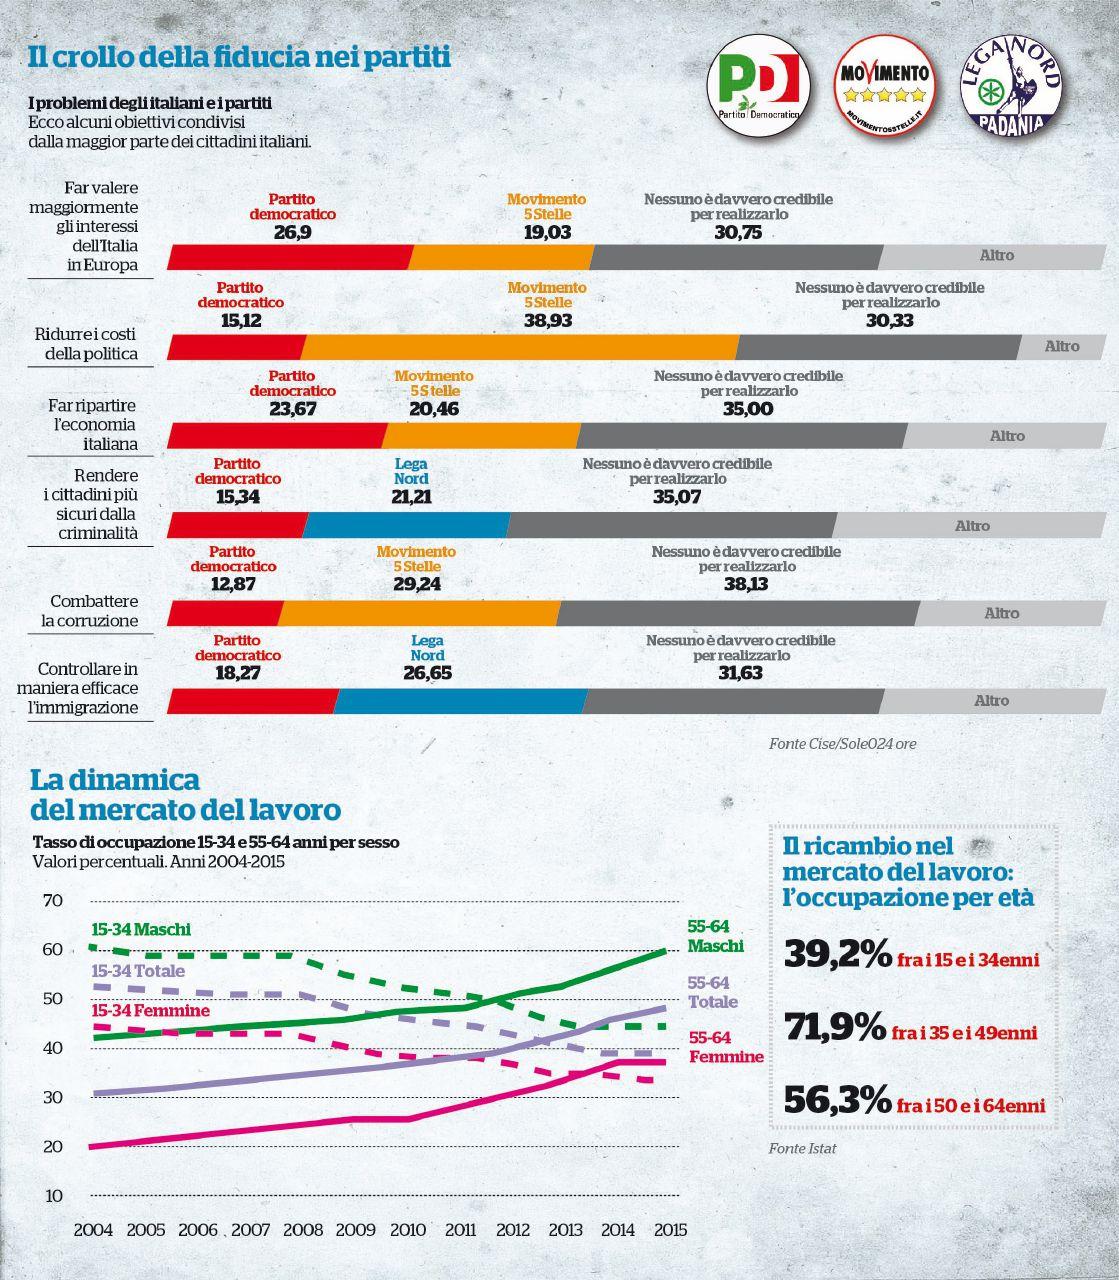 Povera, vecchia e disuguale. L'Italia 2015 secondo Istat